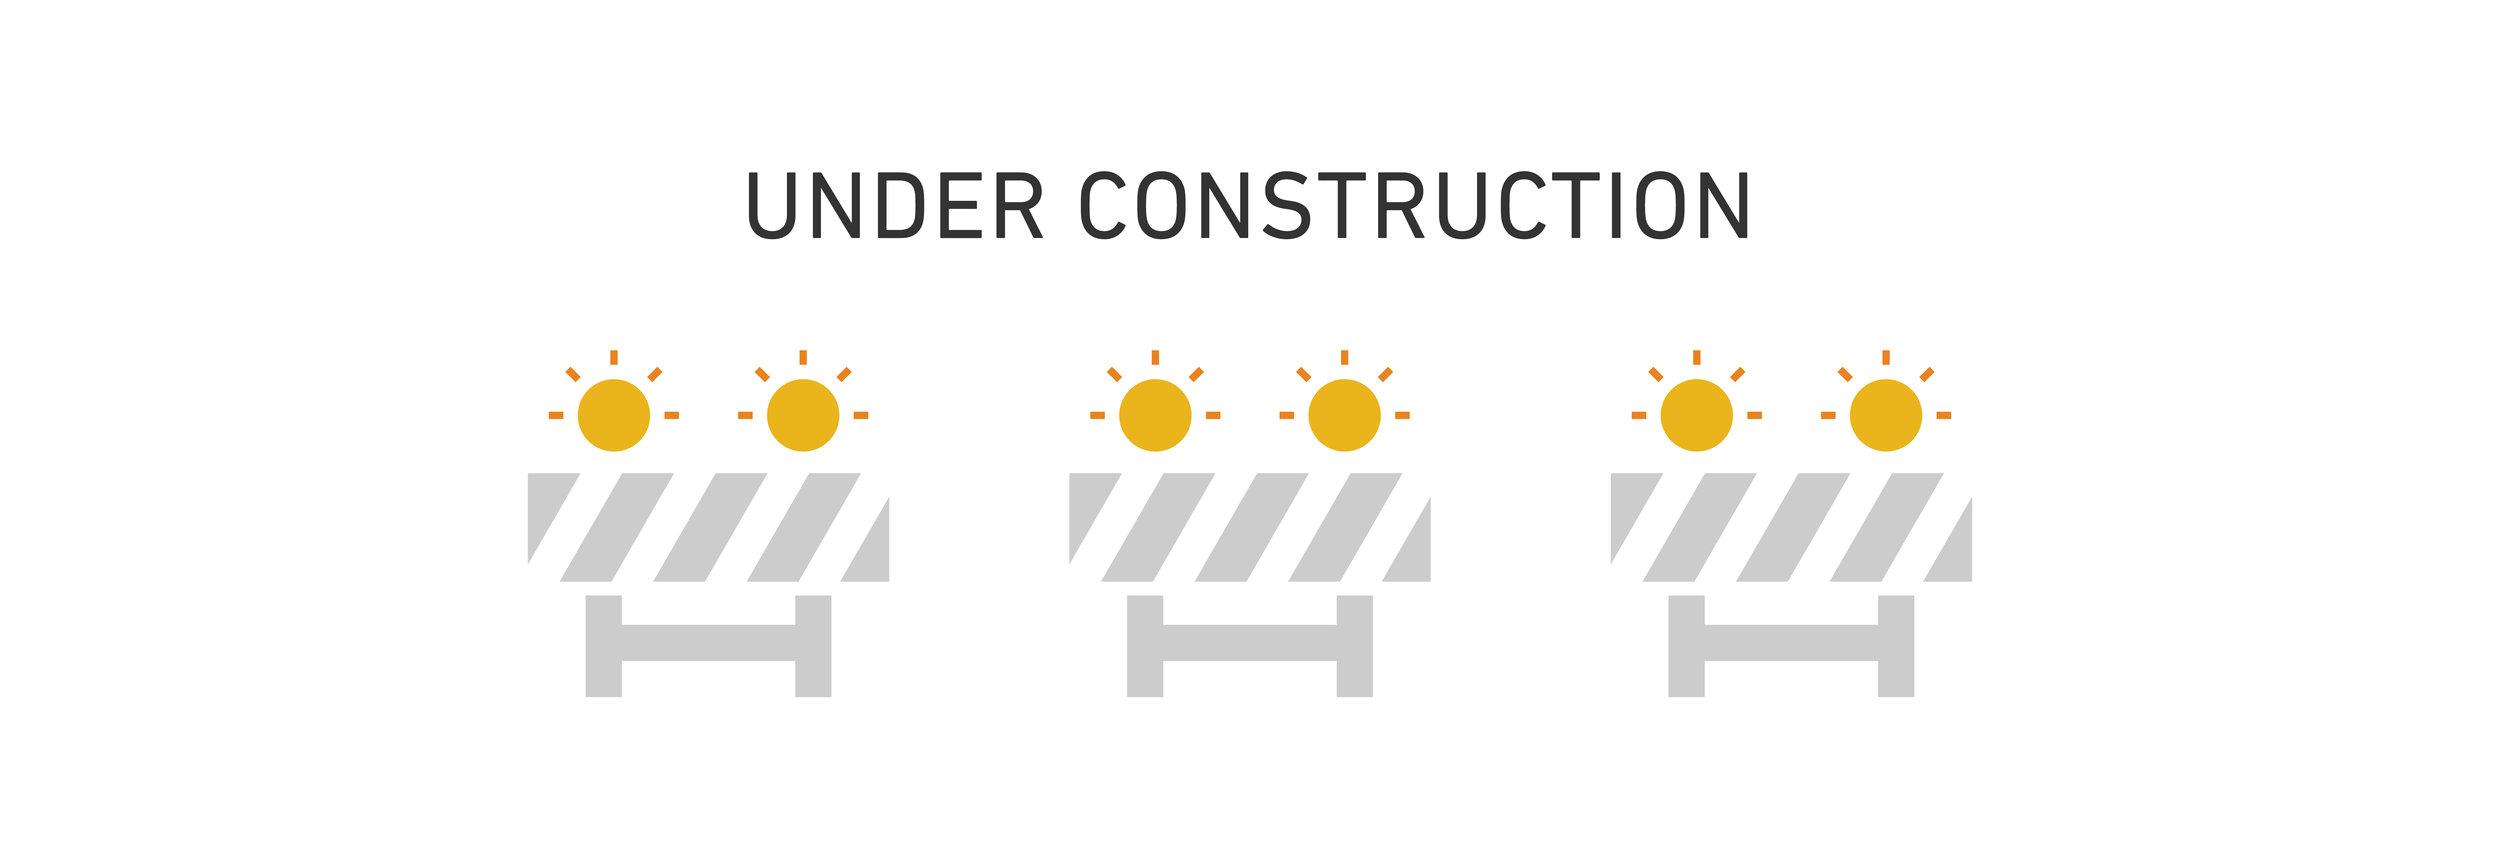 under_construction-01.jpg